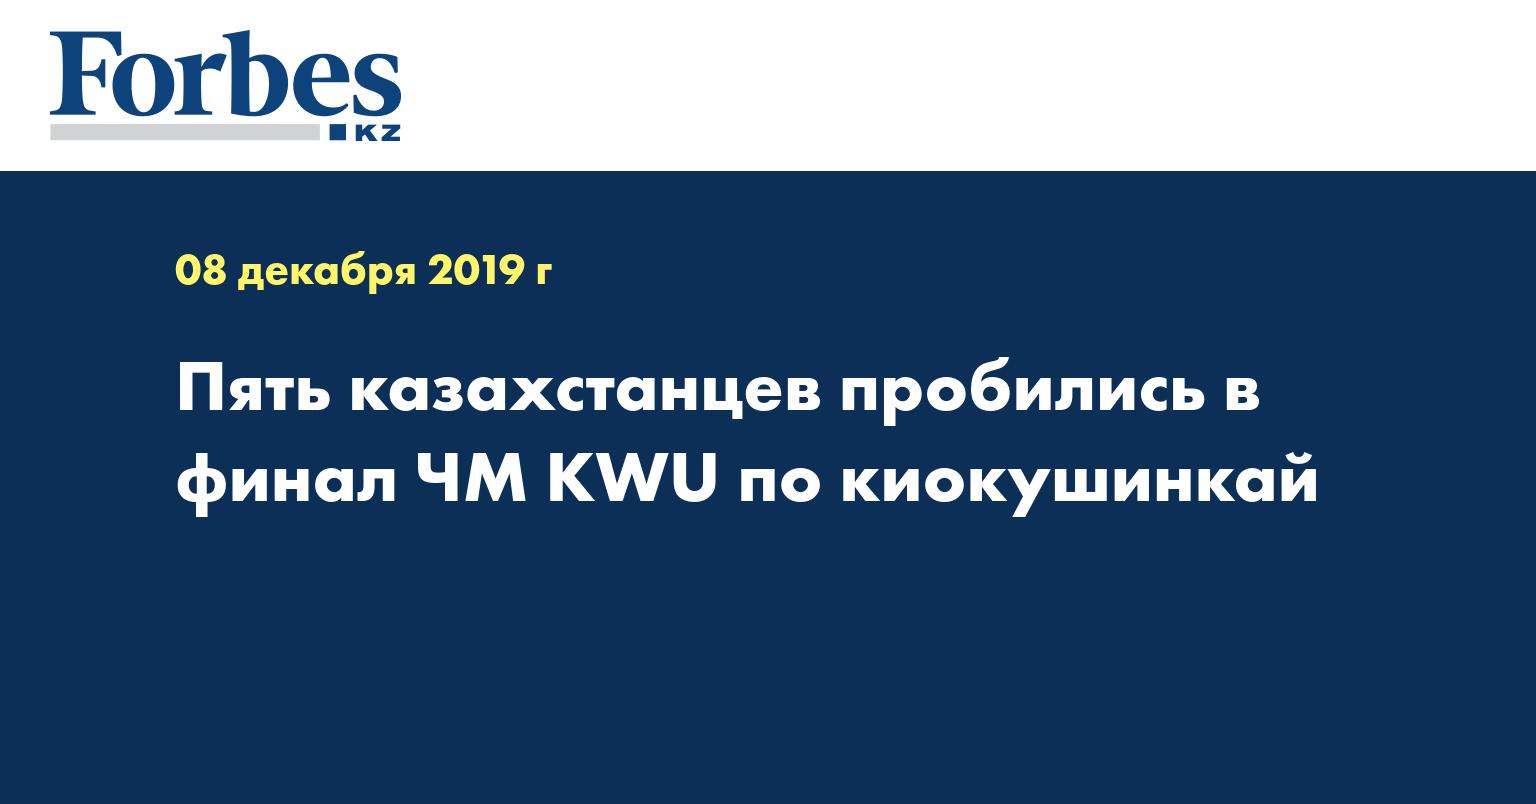 Пять казахстанцев пробились в финал ЧМ KWU по киокушинкай